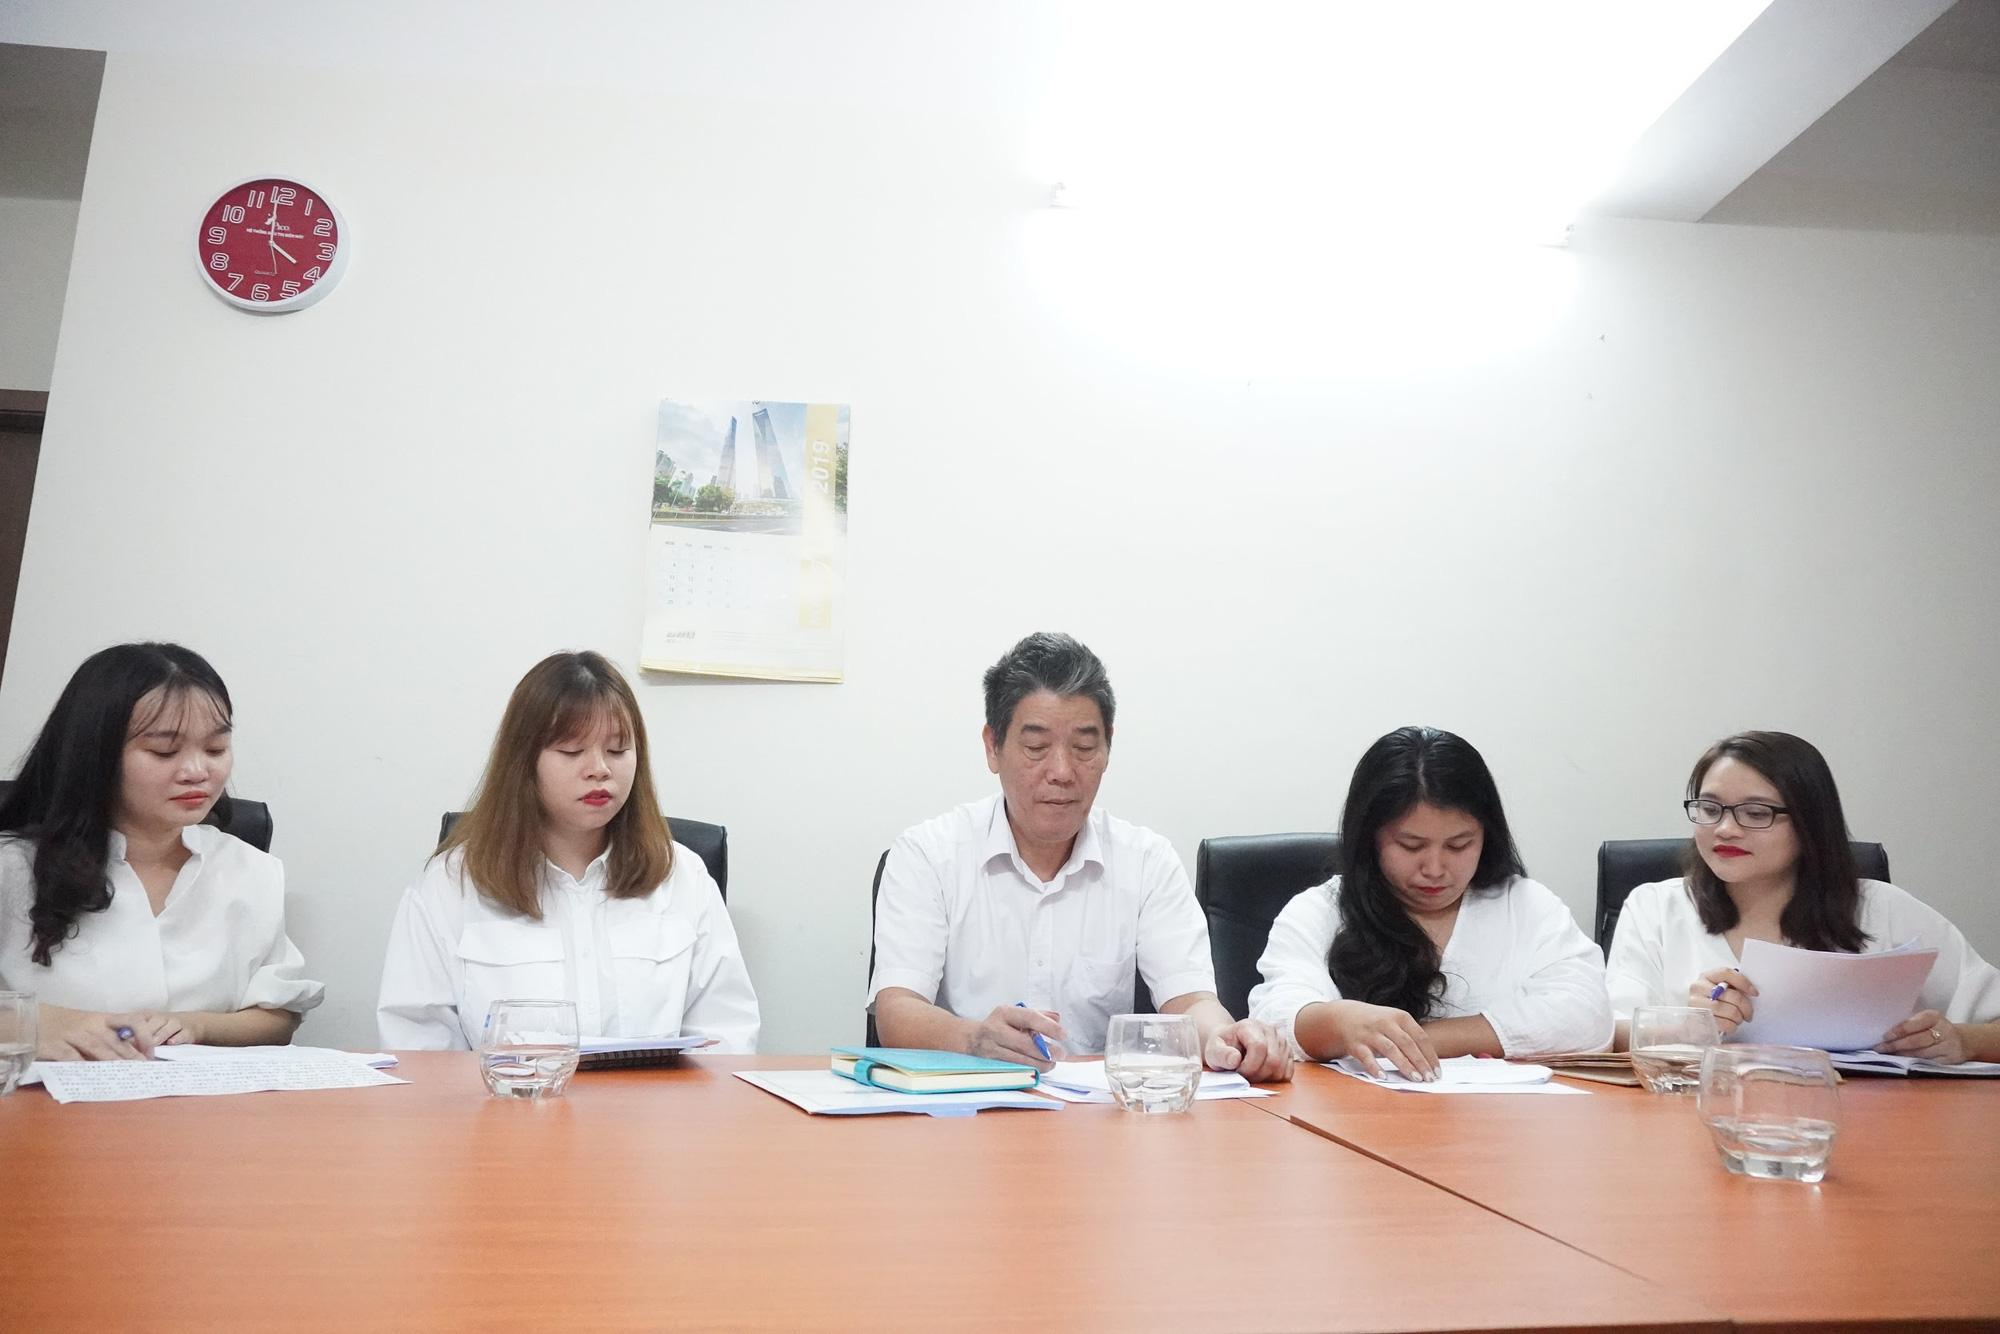 Cùng CEO Trương Văn Trắc khám phá Timviec365.vn - Ảnh 2.